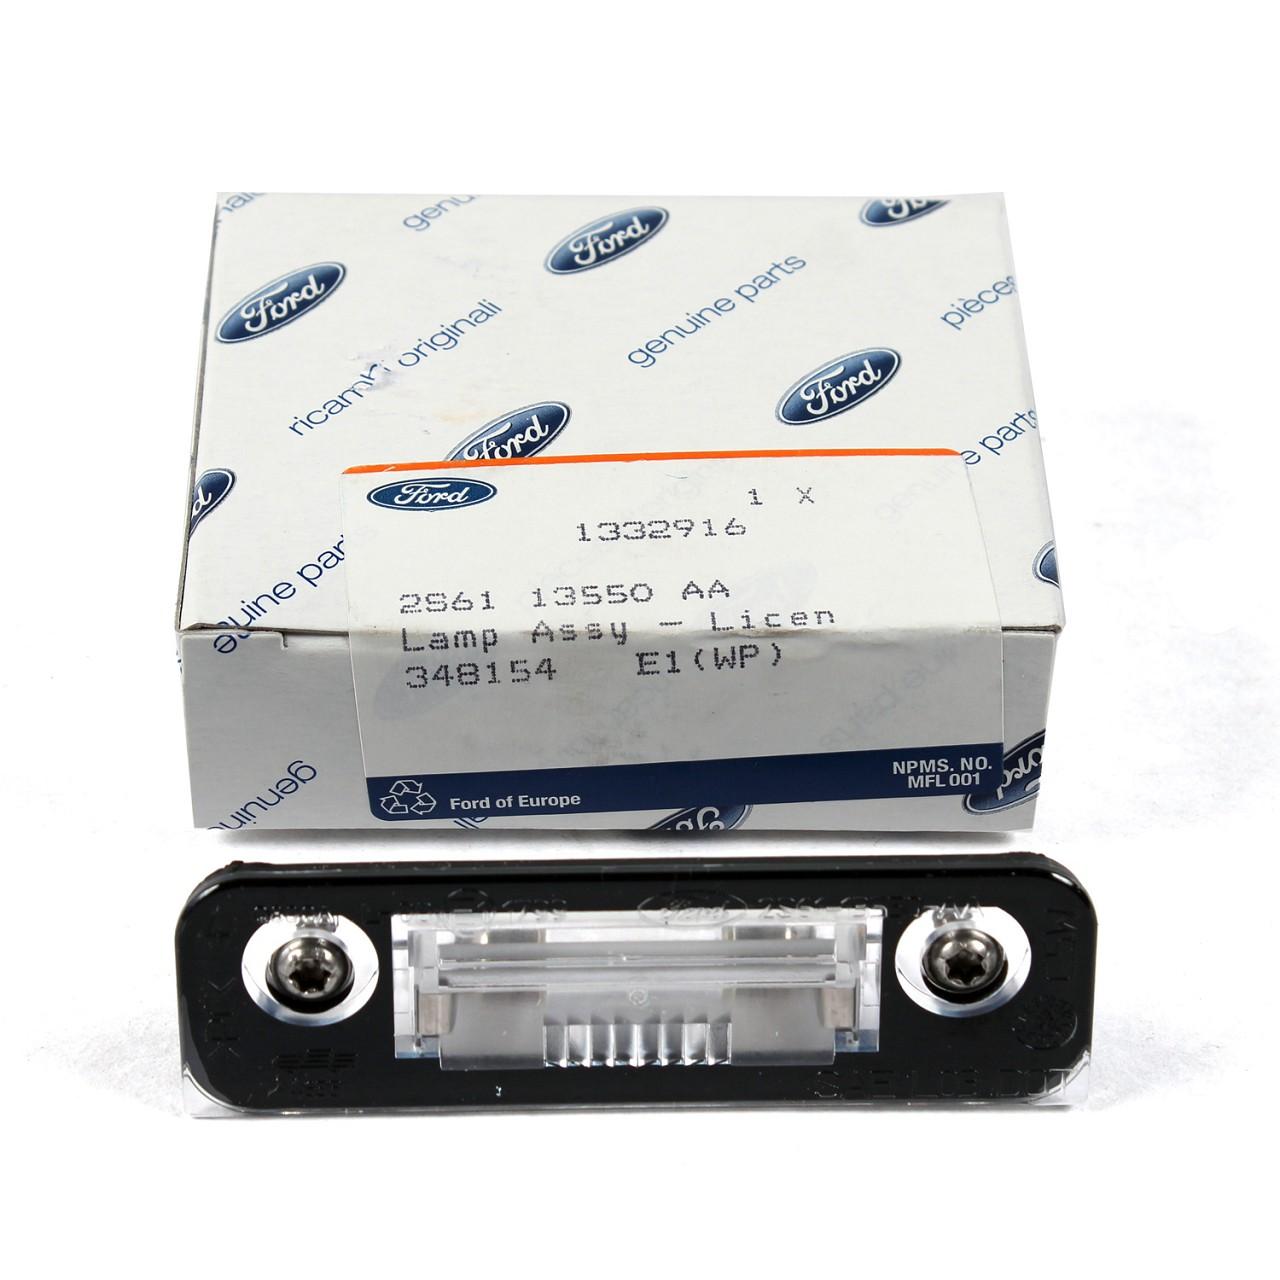 2x ORIGINAL Ford Kennzeichenleuchte Nummernschildleuchte Fiesta V Mondeo 1332916